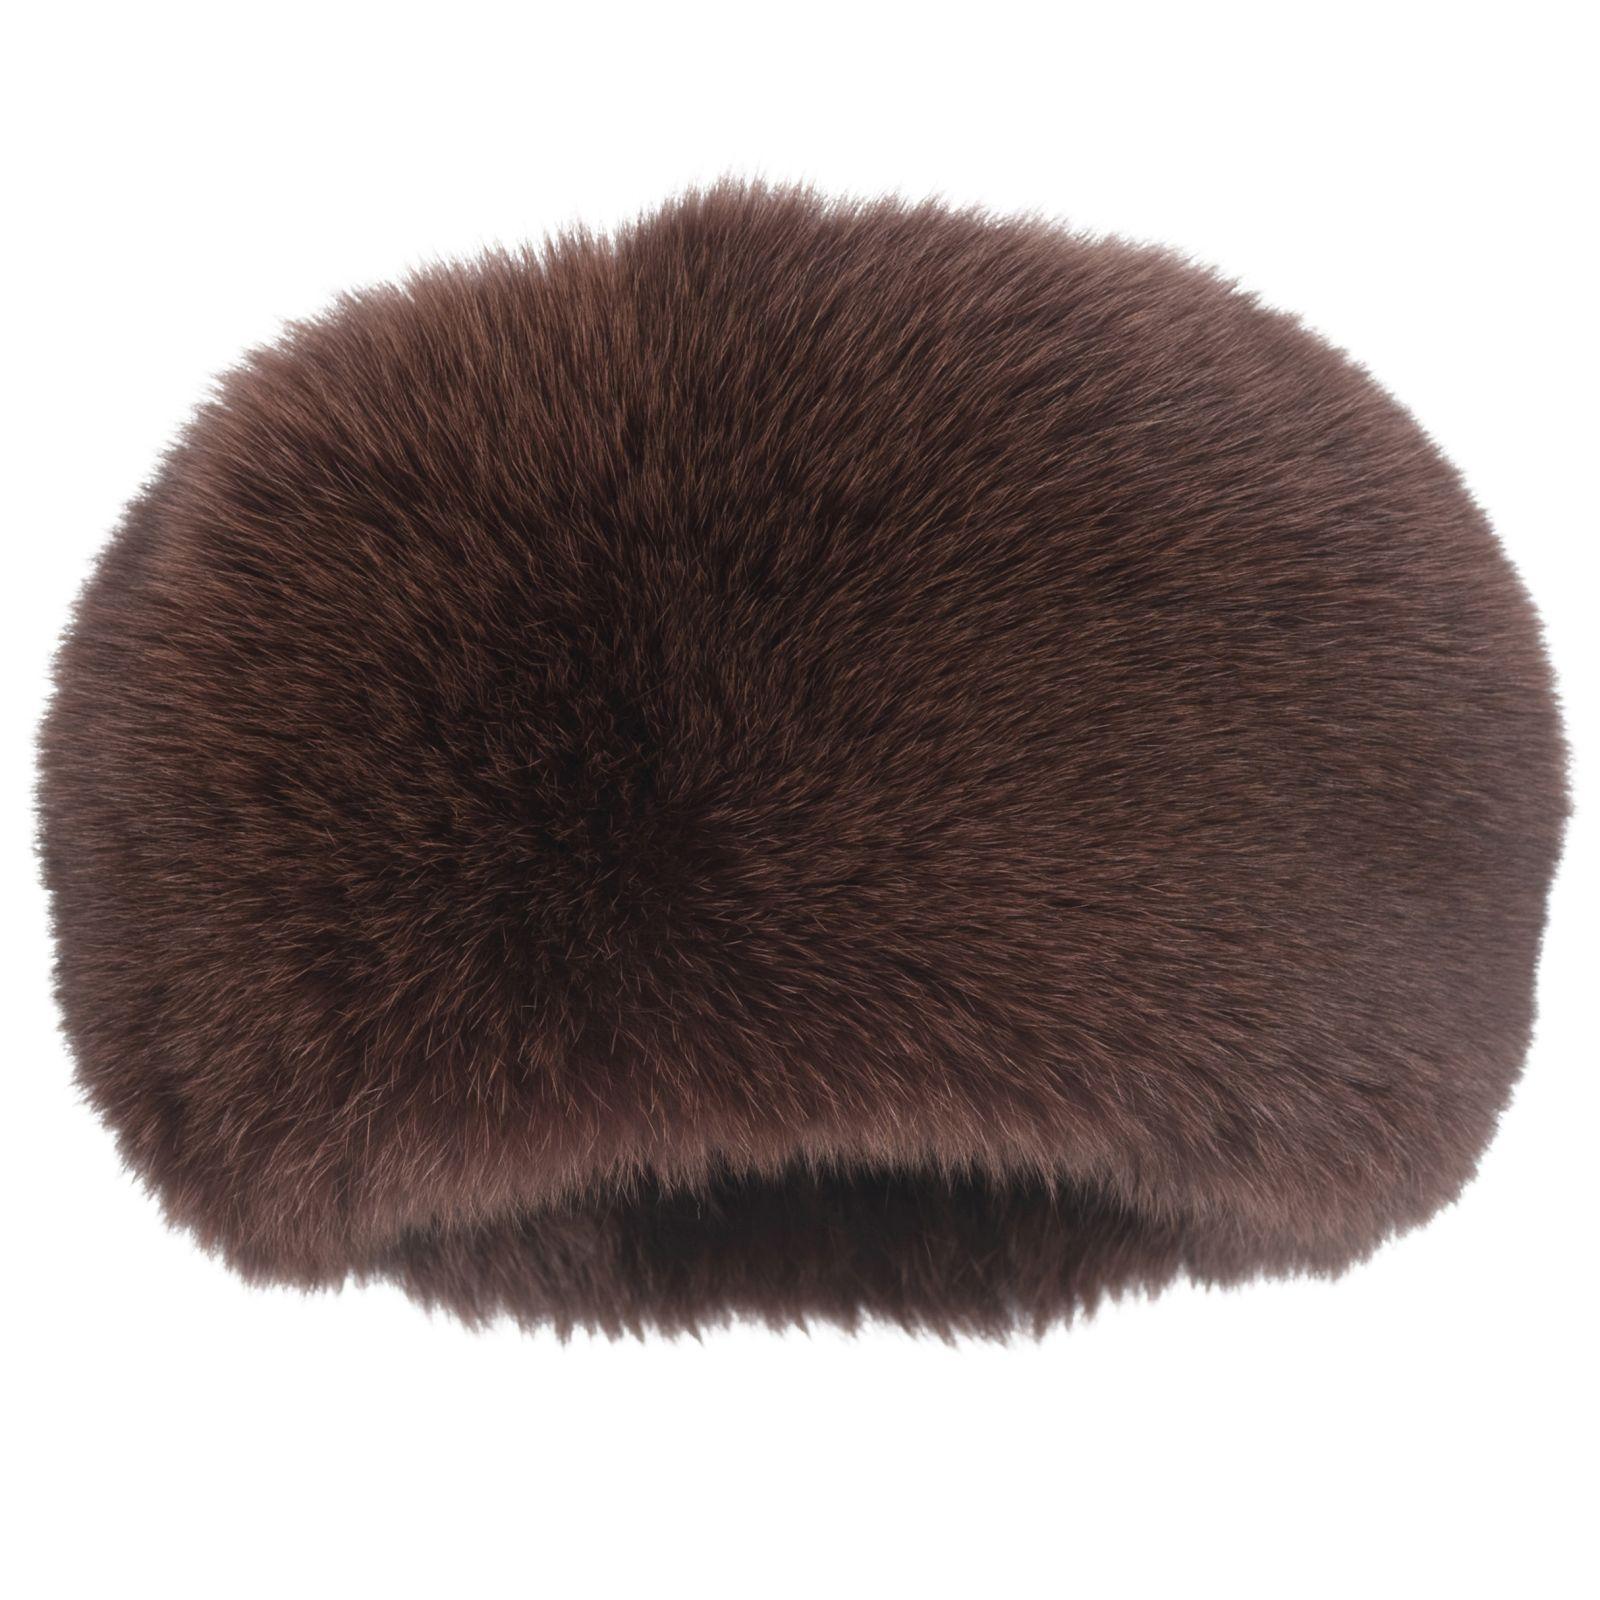 chapeau de fourrure élégantes pour la Dame de la mode-conscient • idéal  pour le shopping c4e0f5c69ec9